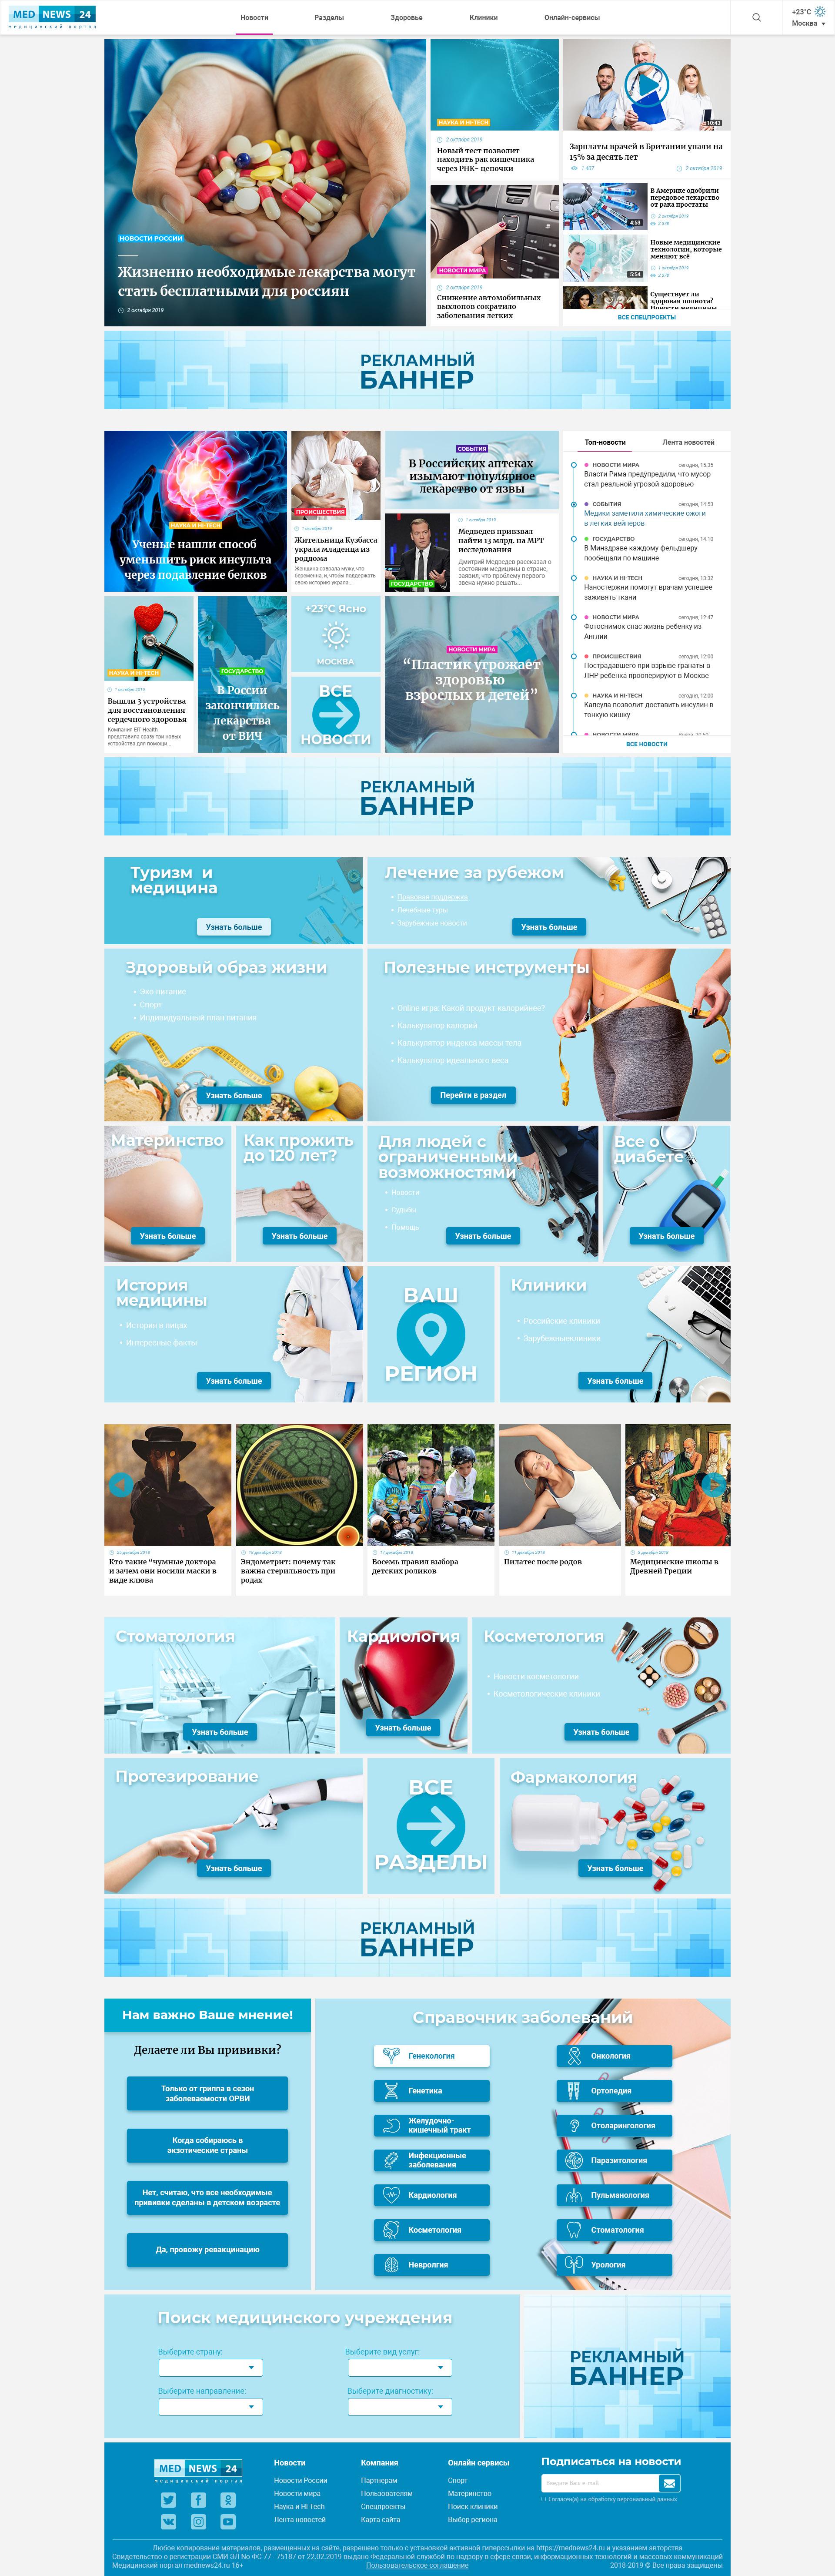 Редизайн главной страницы портала mednews24.ru фото f_2855da081caa0e66.jpg